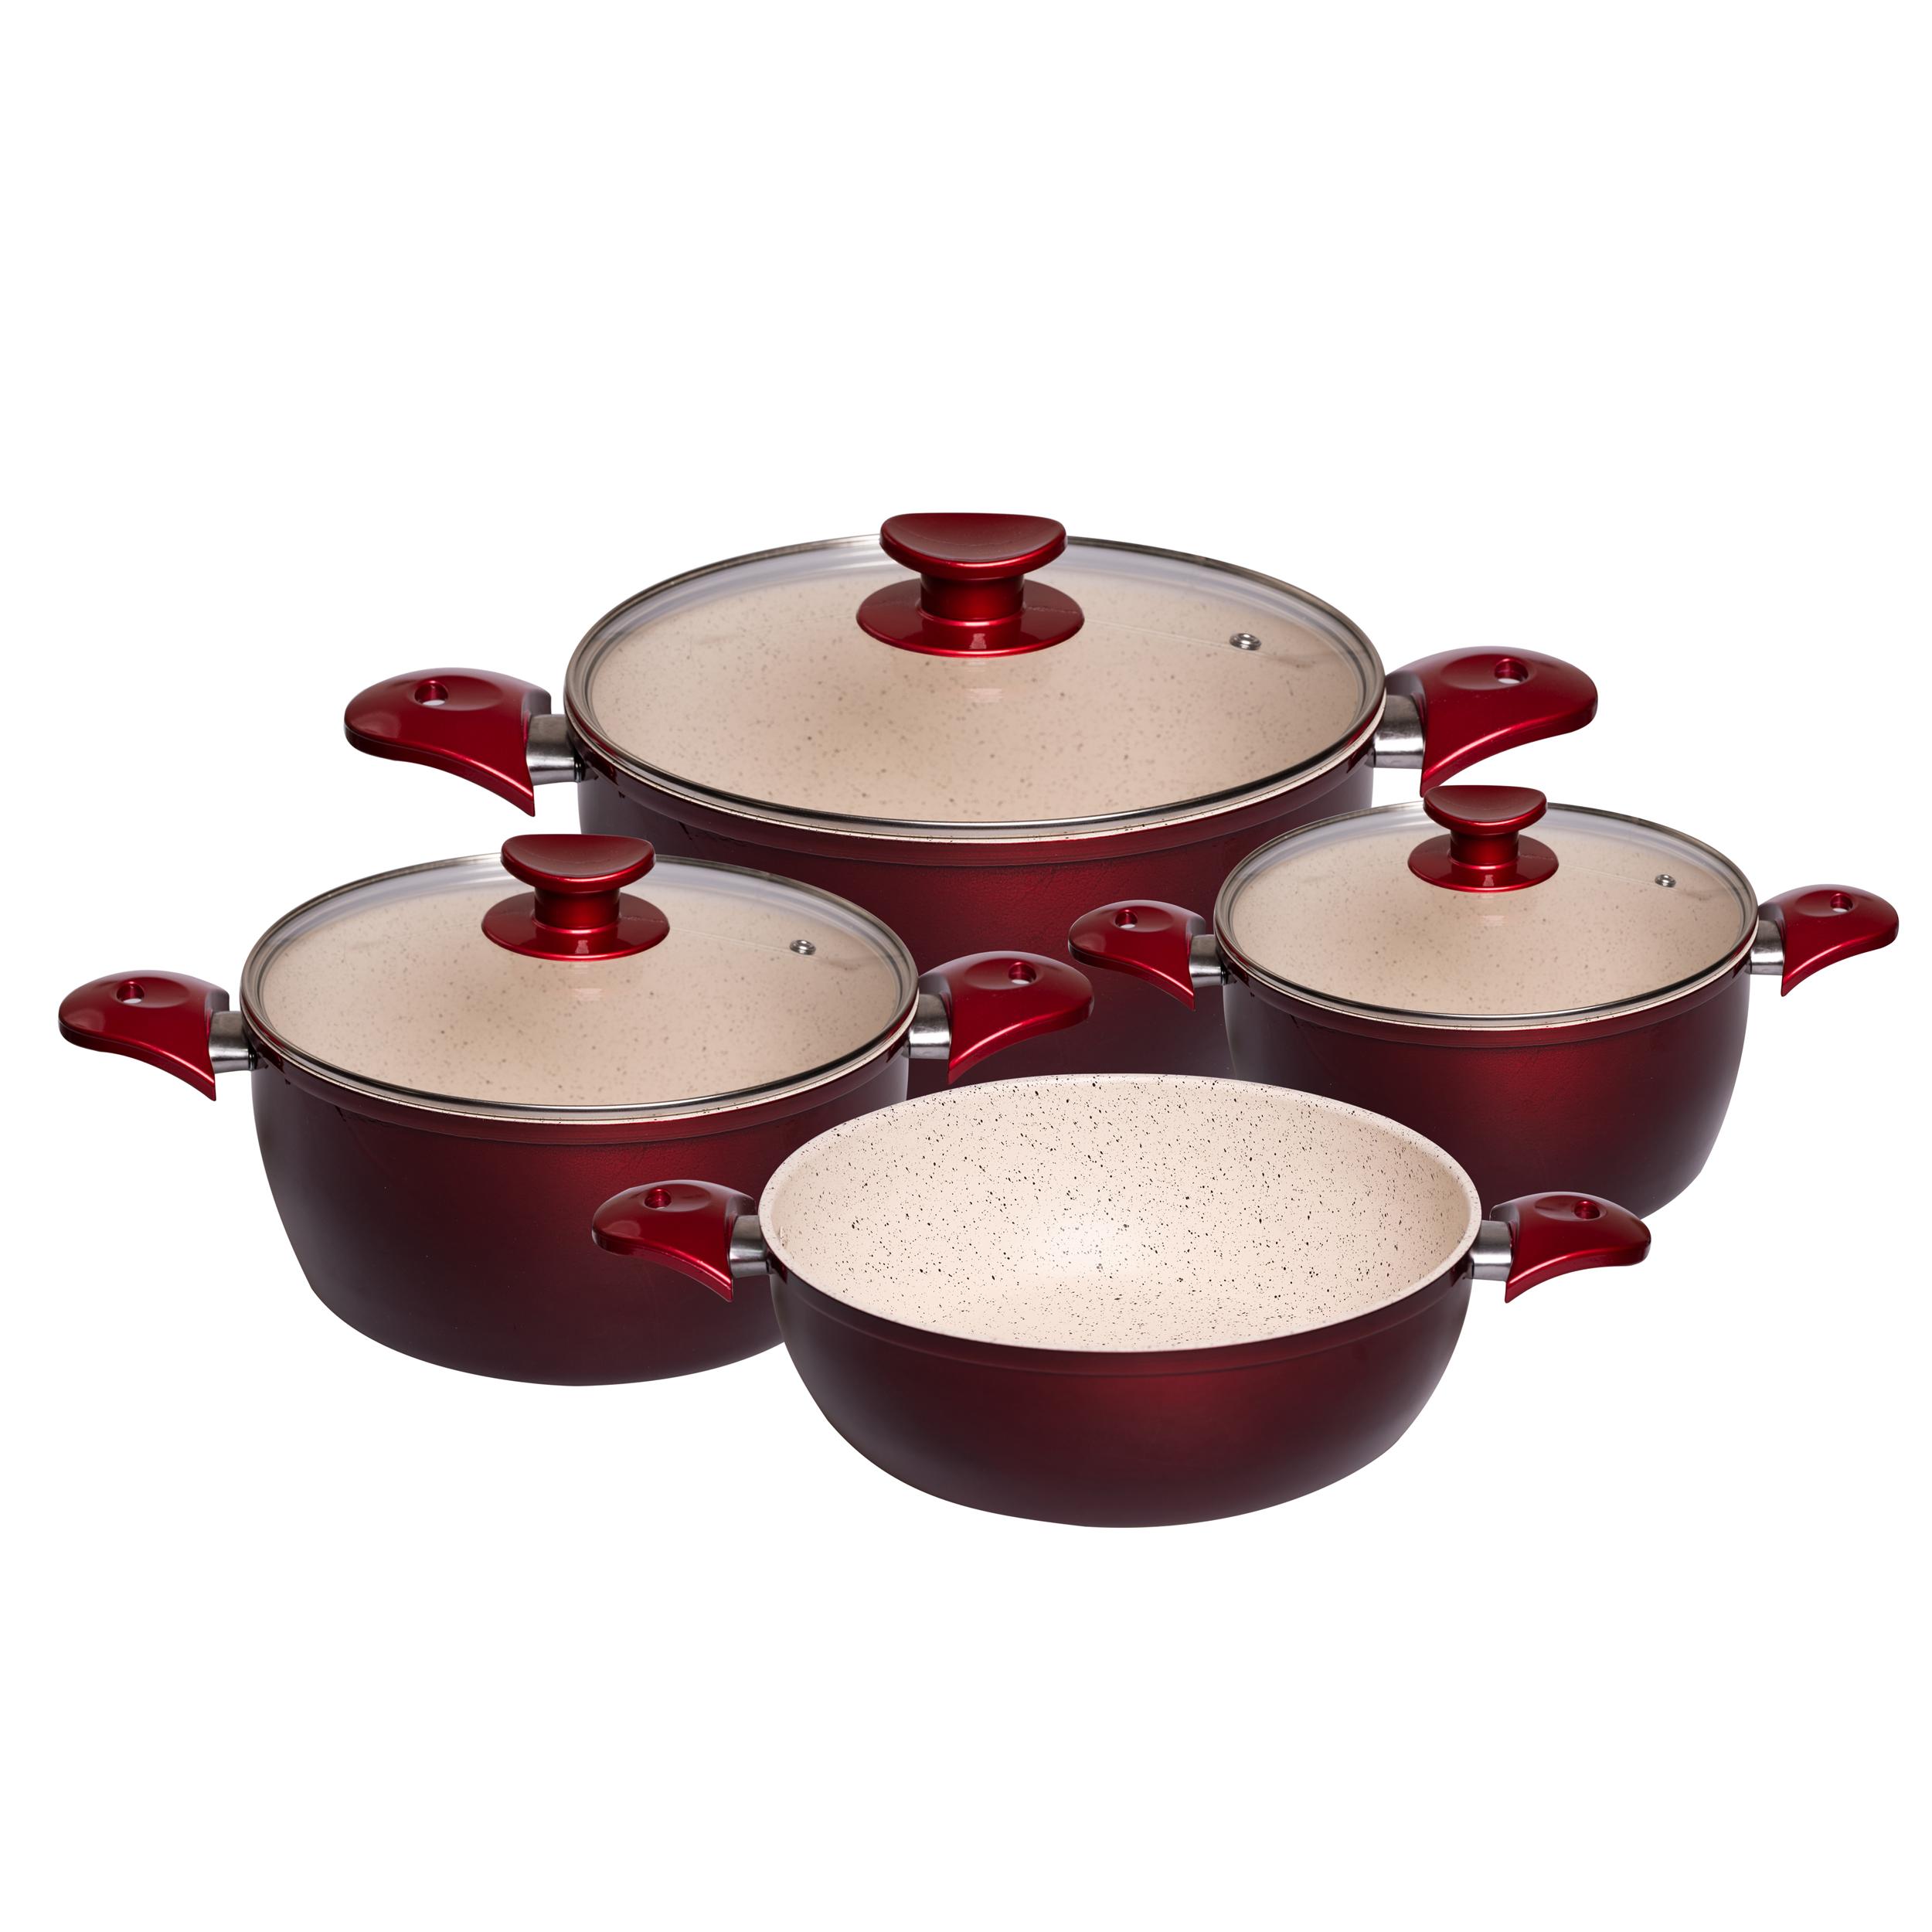 سرویس پخت و پز 7 پارچه هاناتک مدل رز